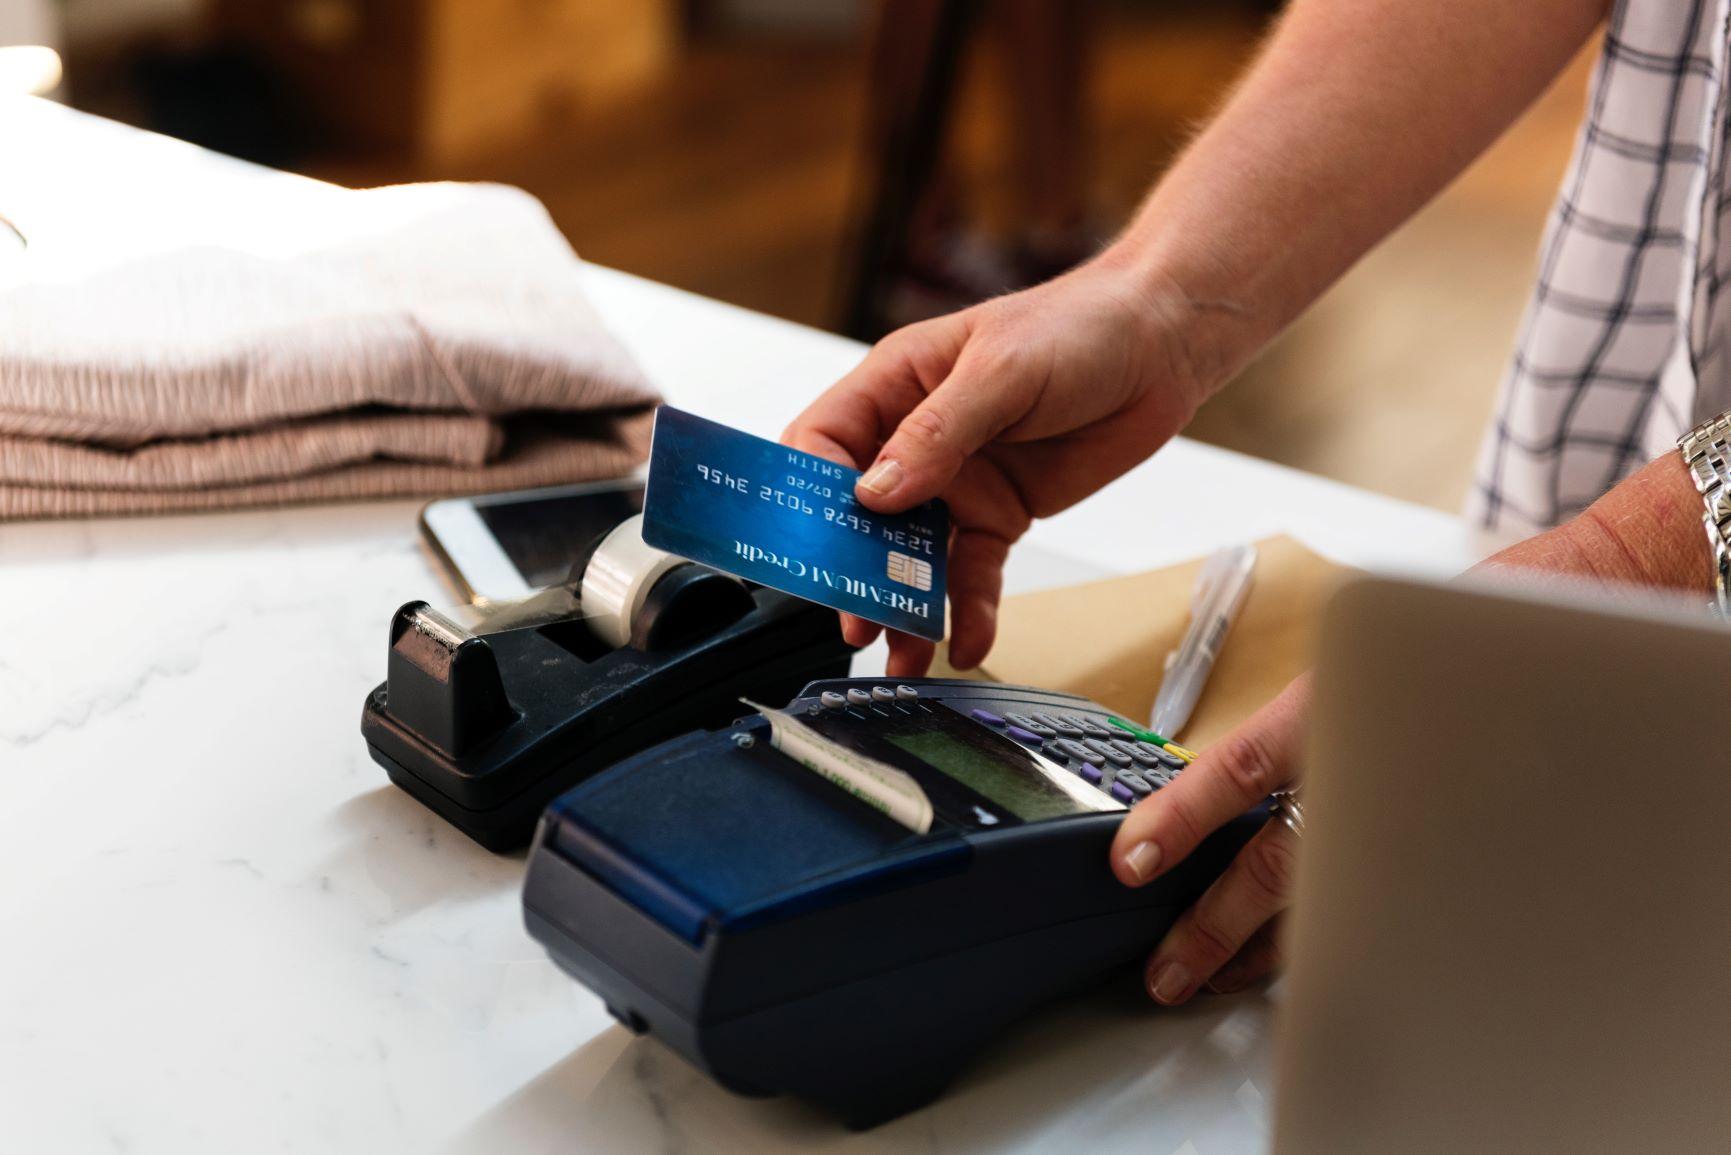 Un homme utilise sa carte bancaire pour une transaction.